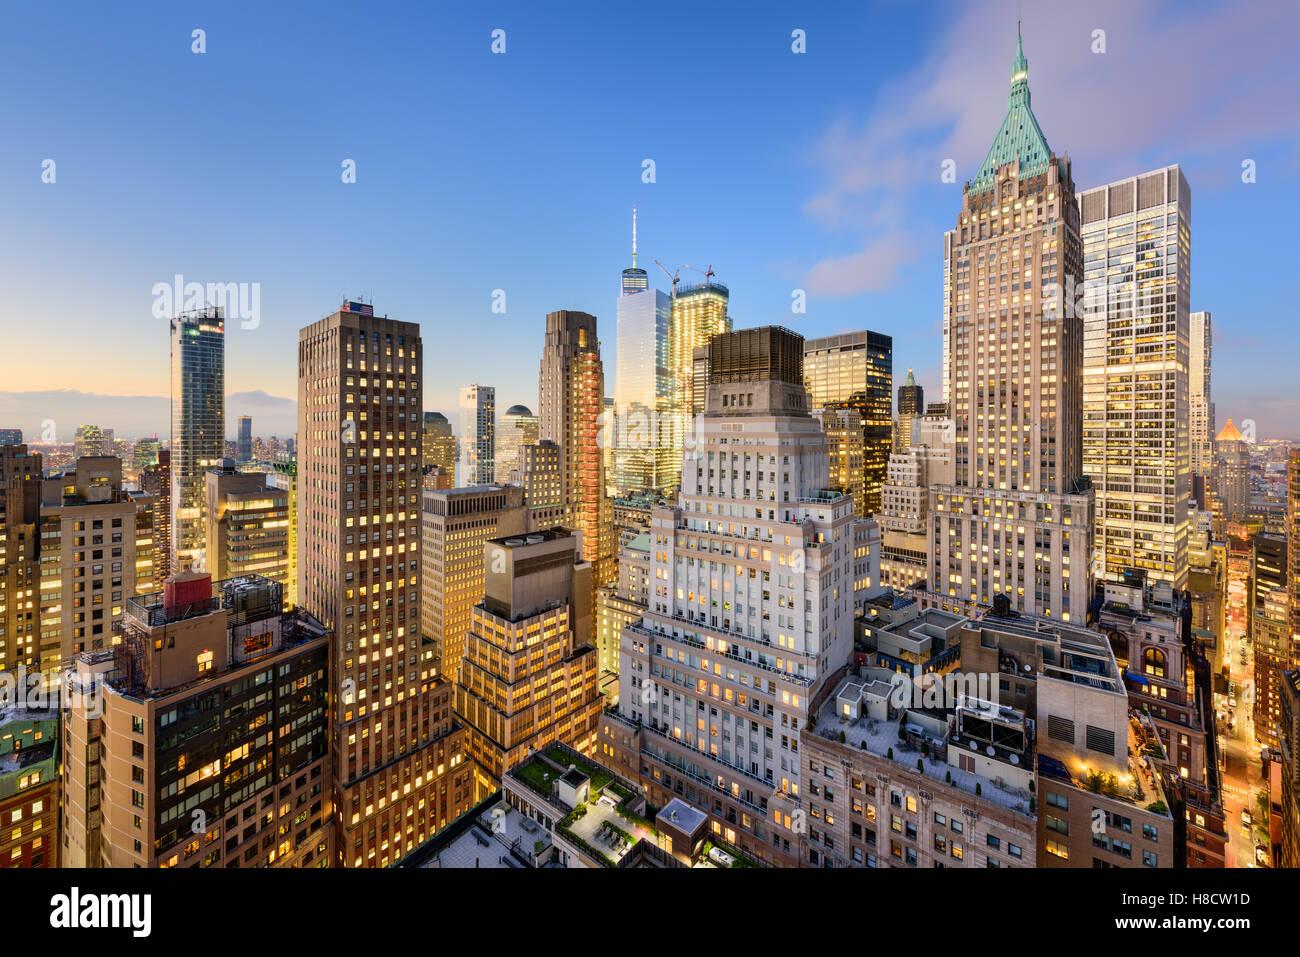 New York City Financial District città al crepuscolo. Immagini Stock